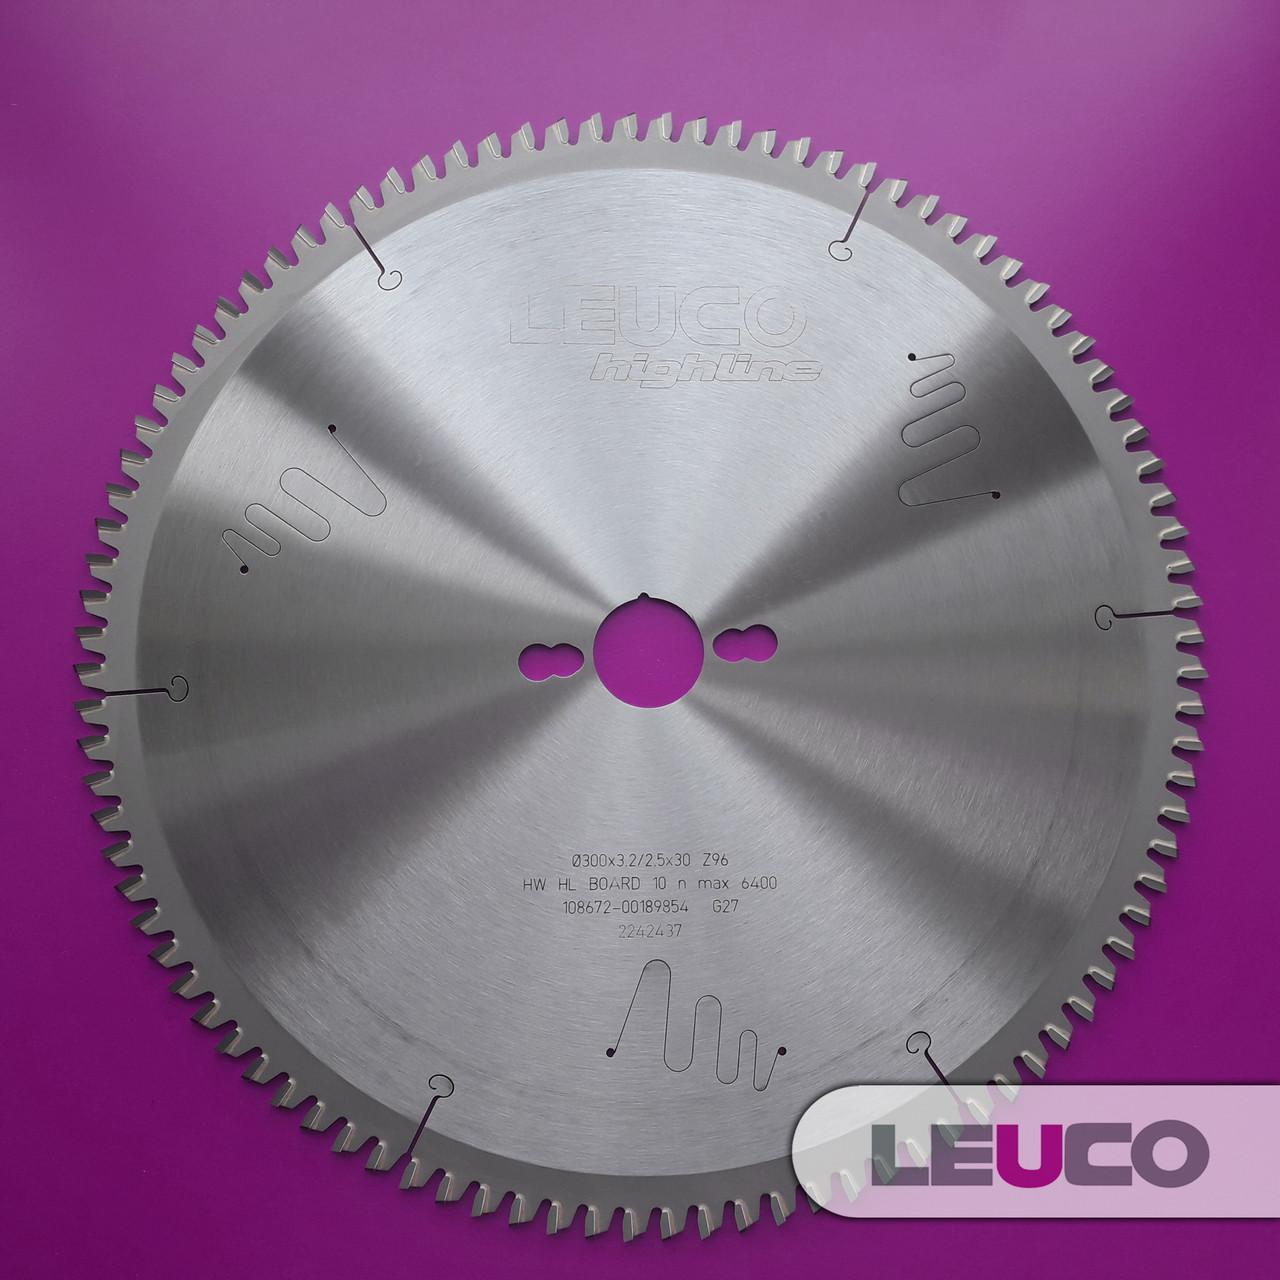 300x3,2x2,5x30 Z=96 Дисковые пилы Leuco по алюминию для торцевания и косого реза